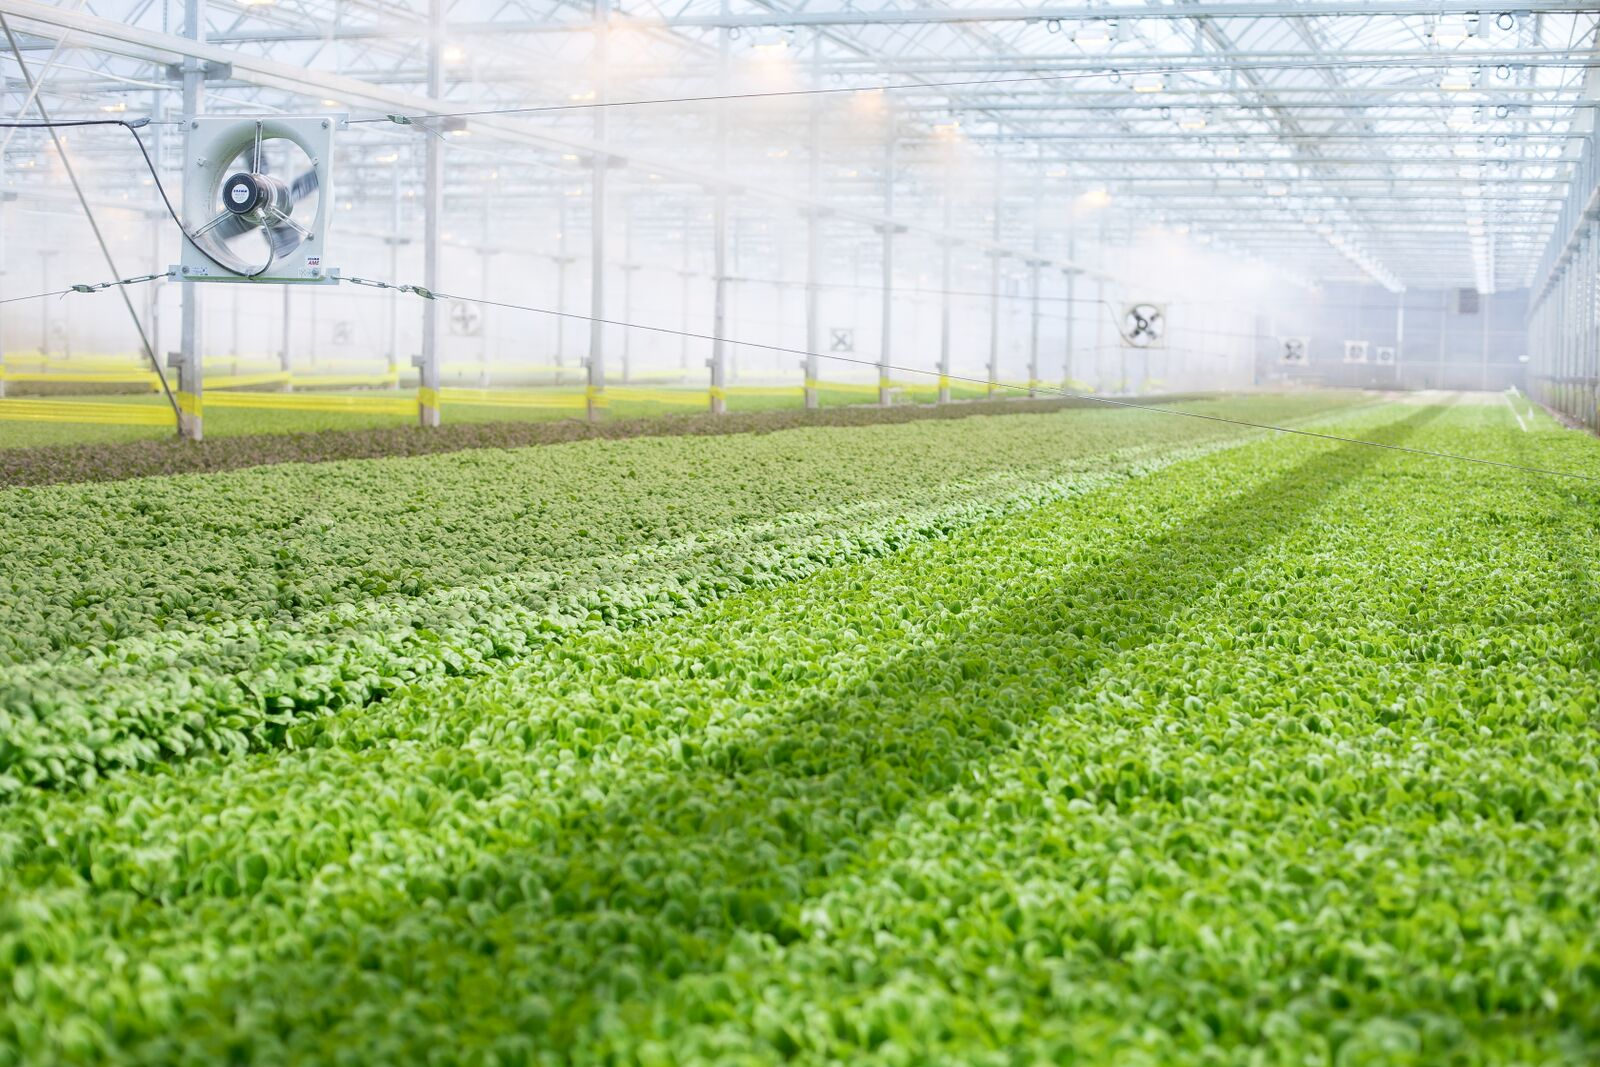 BrightFarms модель внутреннего земледелия обеспечивает большой рост